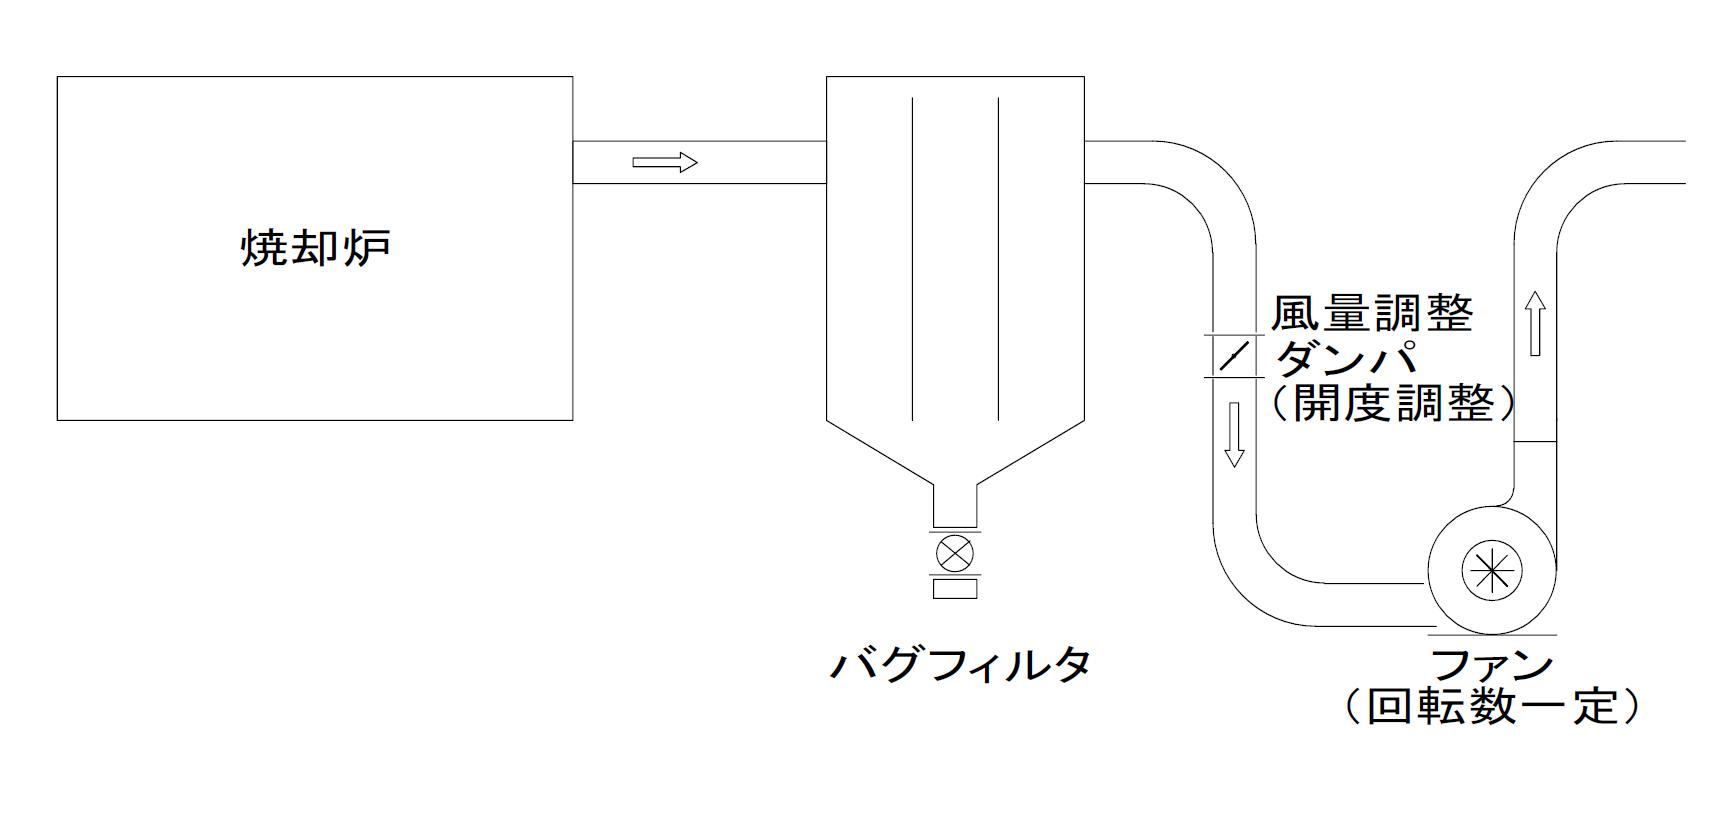 焼却炉の集塵機バグフィルタ